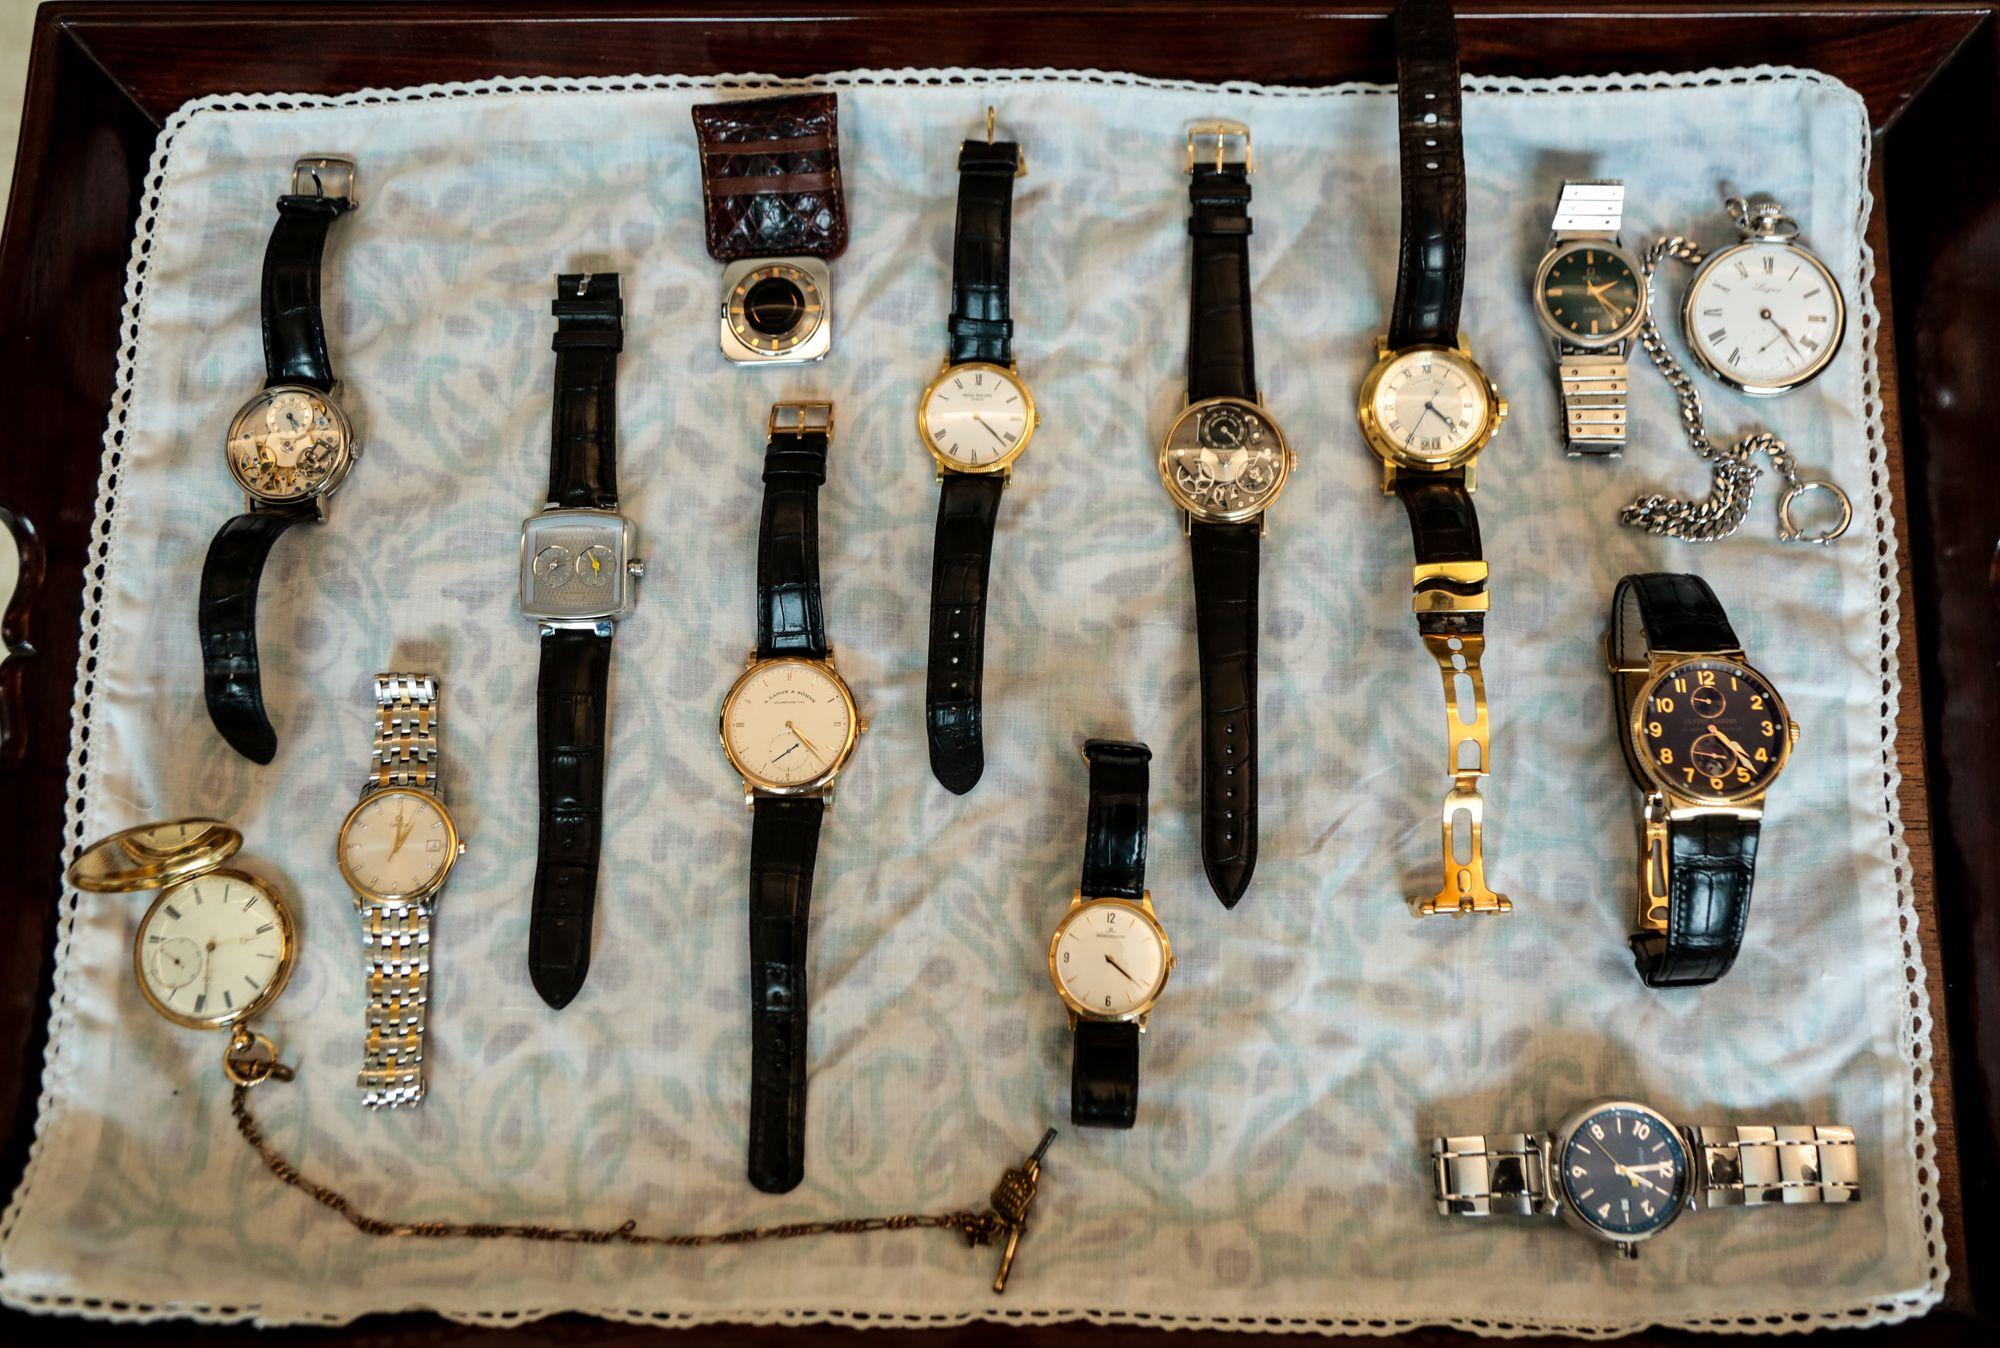 DILJEET TITUS 11 - Talking watches with Diljeet Titus